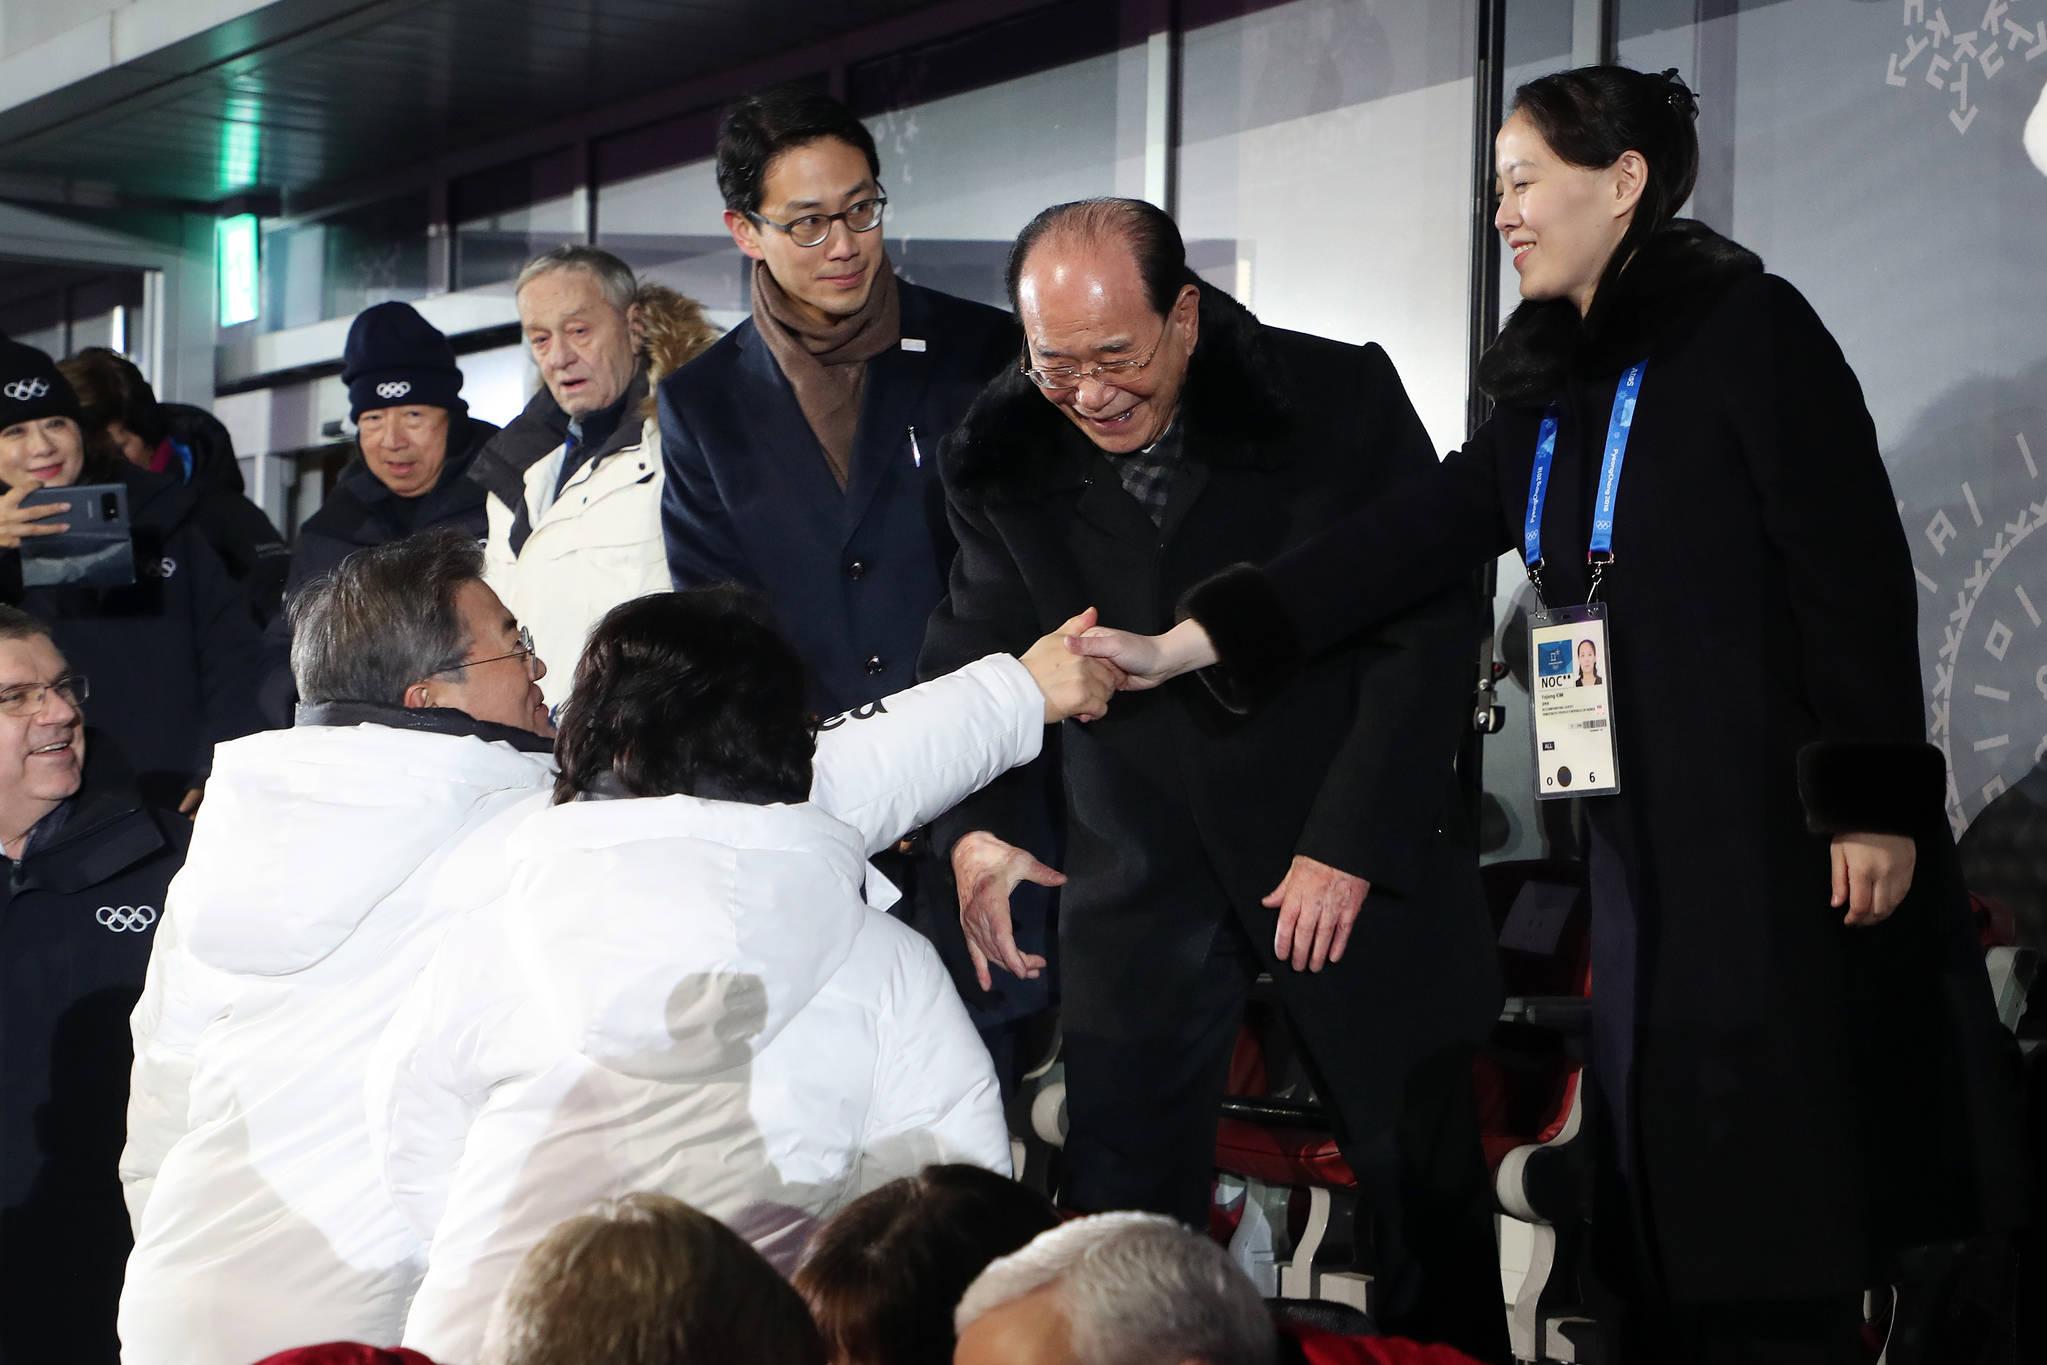 문재인 대통령이 2월 9일 평창 올림픽 스타디움에서 열린 2018 평창 동계올림픽대회 개회식에서 김여정 북한 노동당 중앙위 제1부부장과 인사를 하고 있다. 김상선 기자